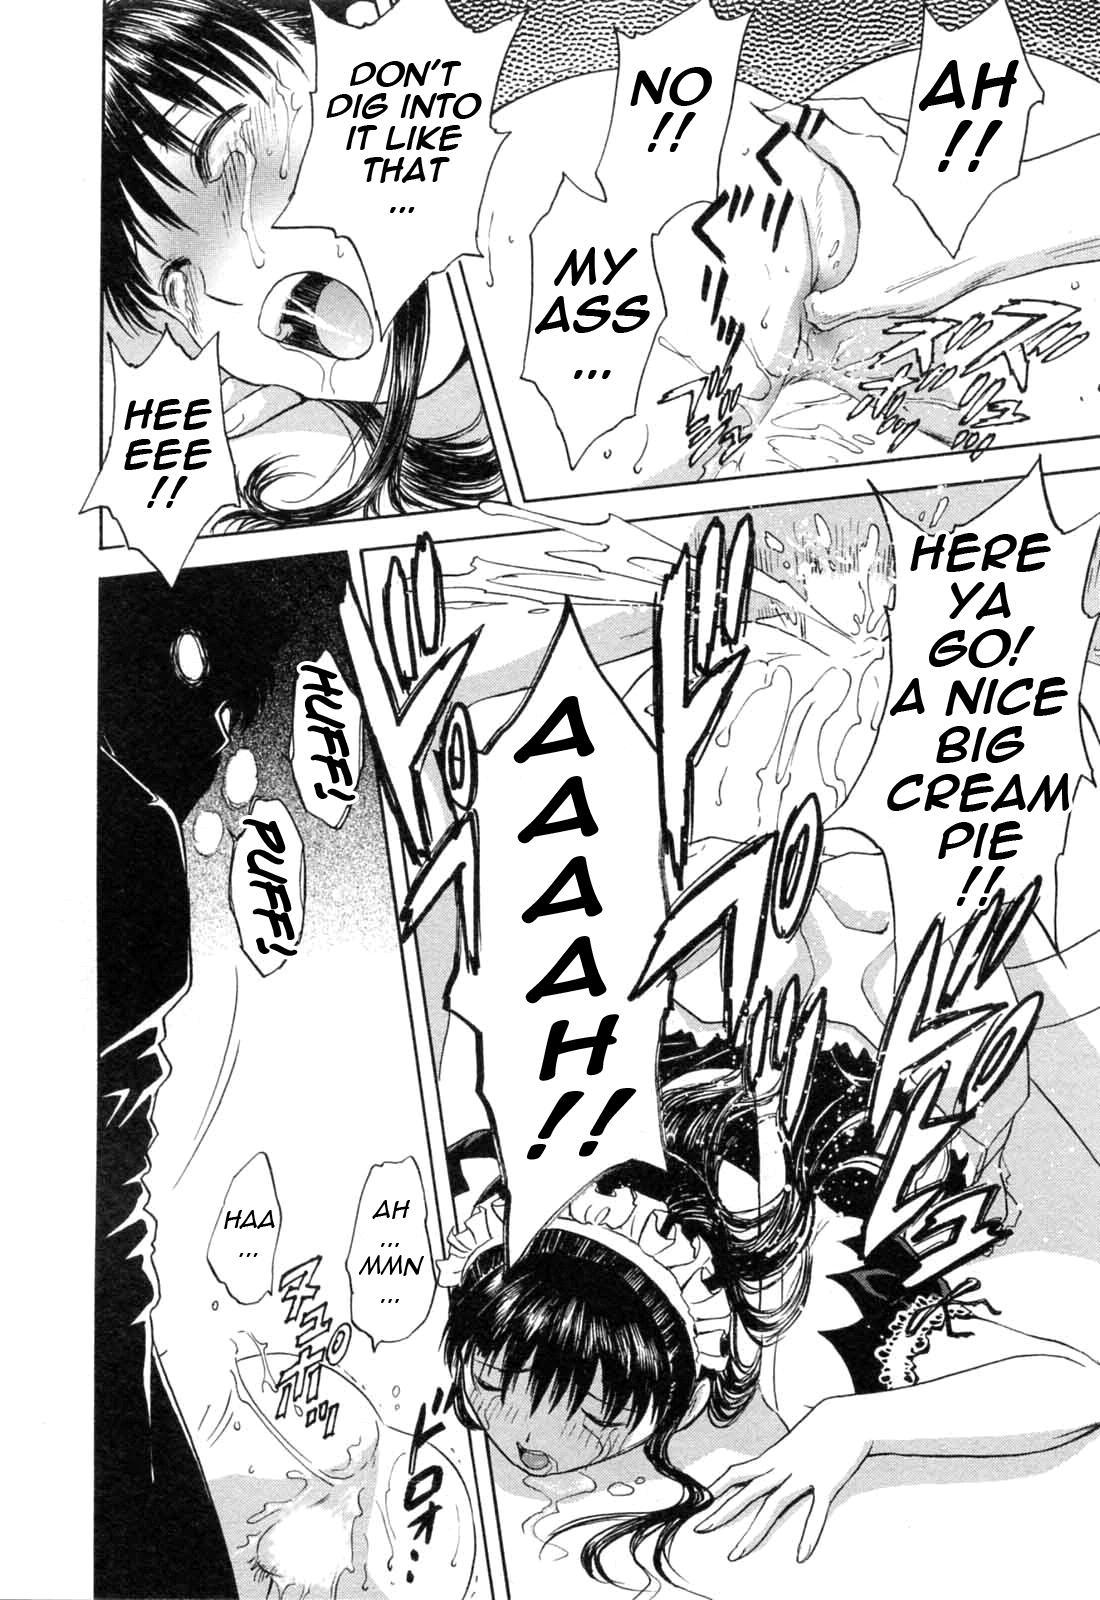 [Hidemaru] Mo-Retsu! Boin Sensei (Boing Boing Teacher) Vol.5 [English] [4dawgz] [Tadanohito] 85